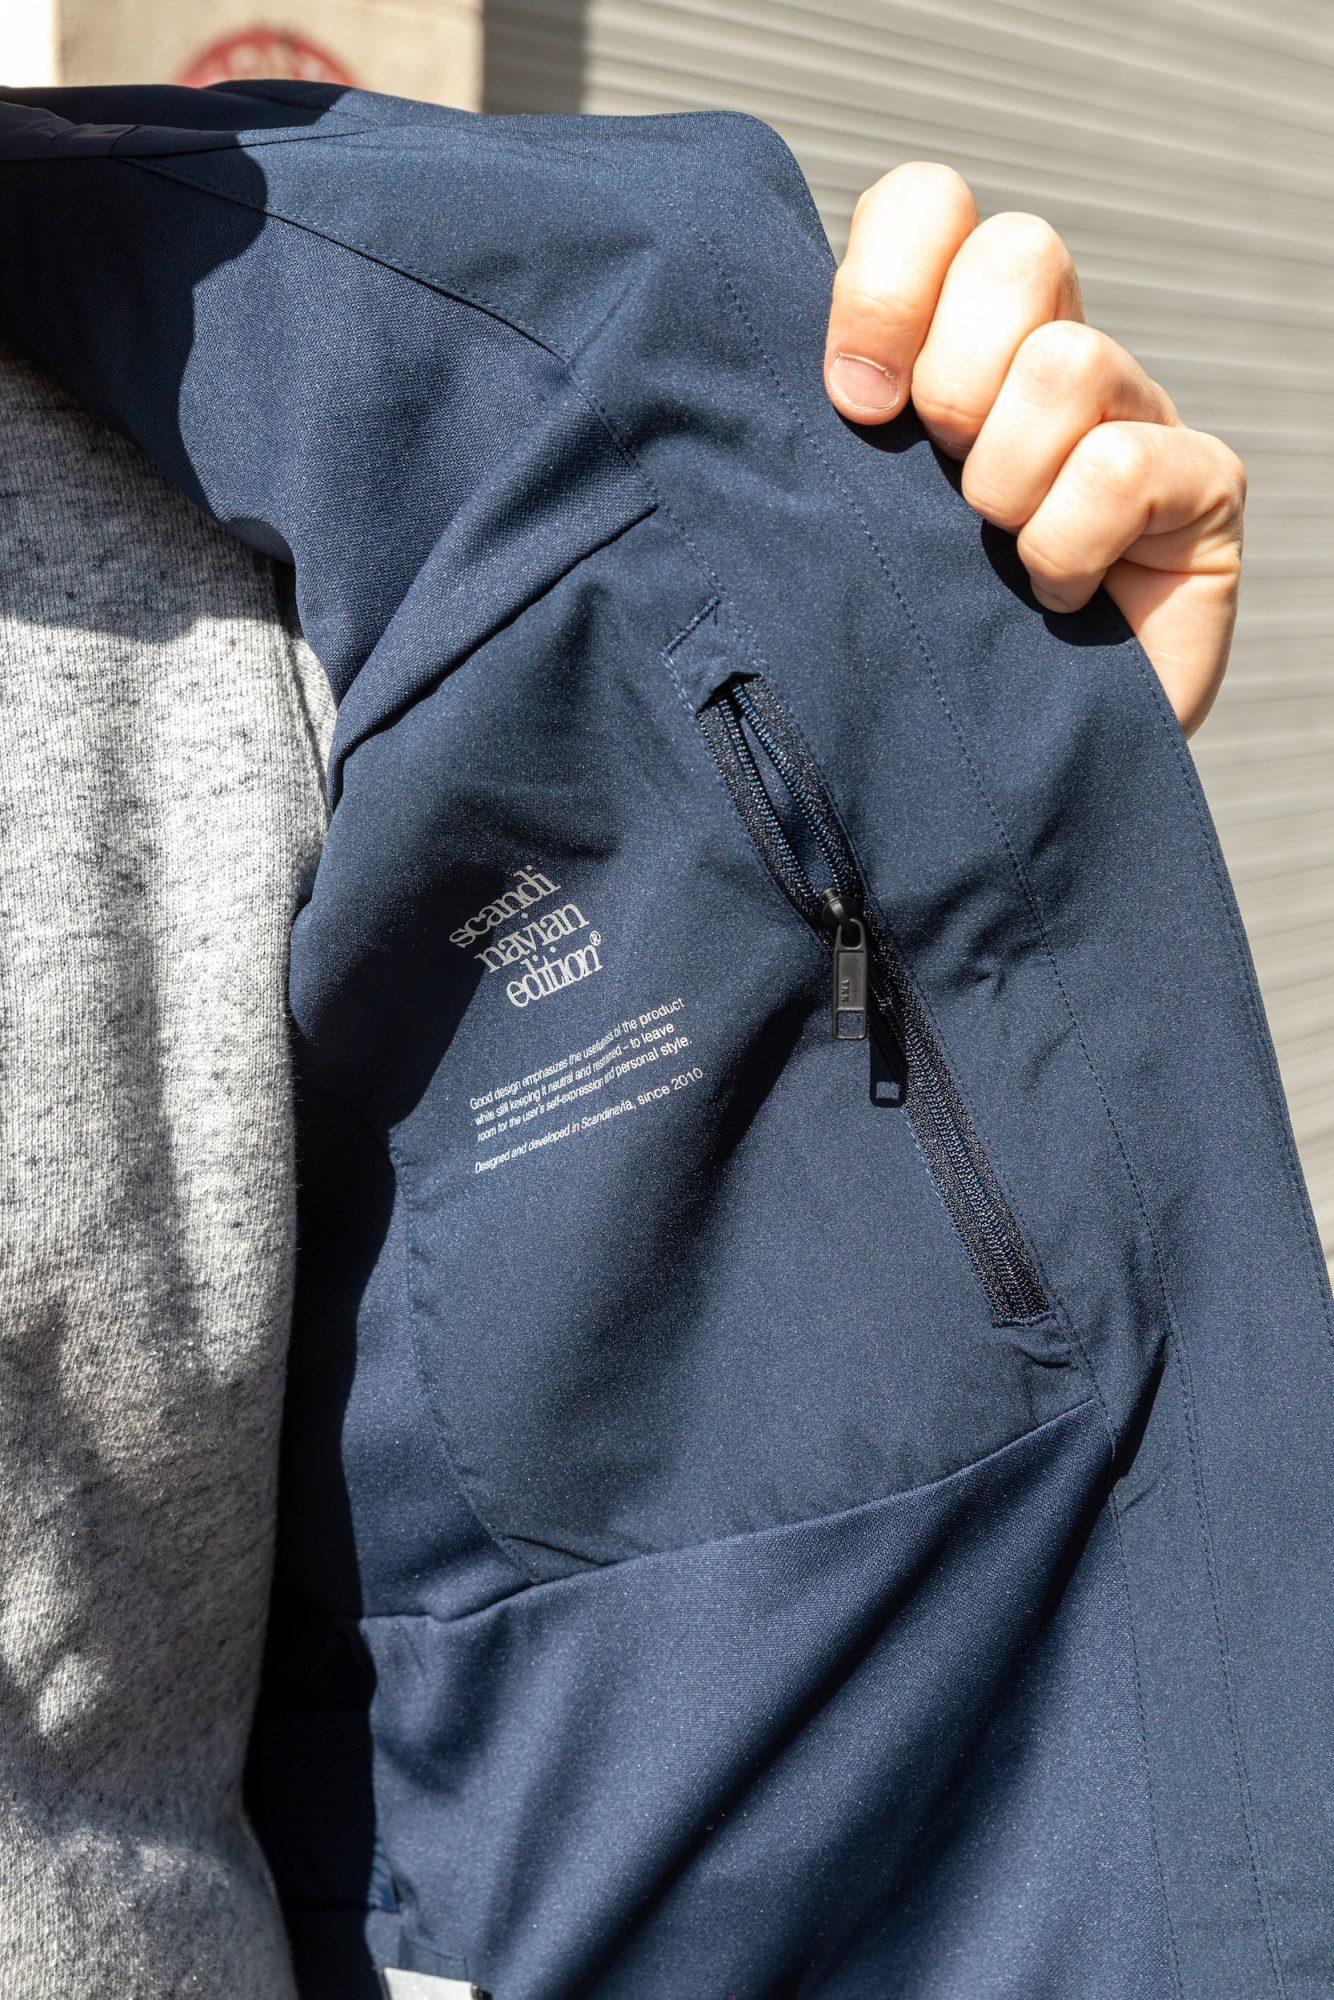 scandinavian edition hood poche interieure